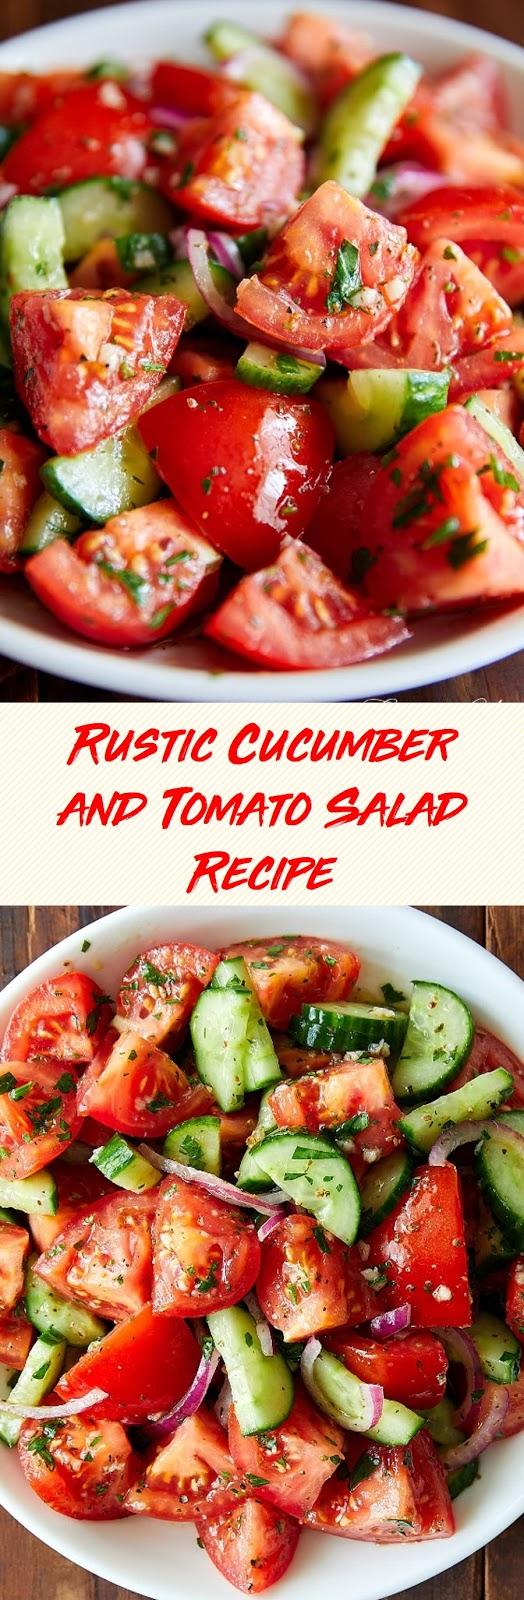 Rustic Cucumber and Tomato Salad Recipe